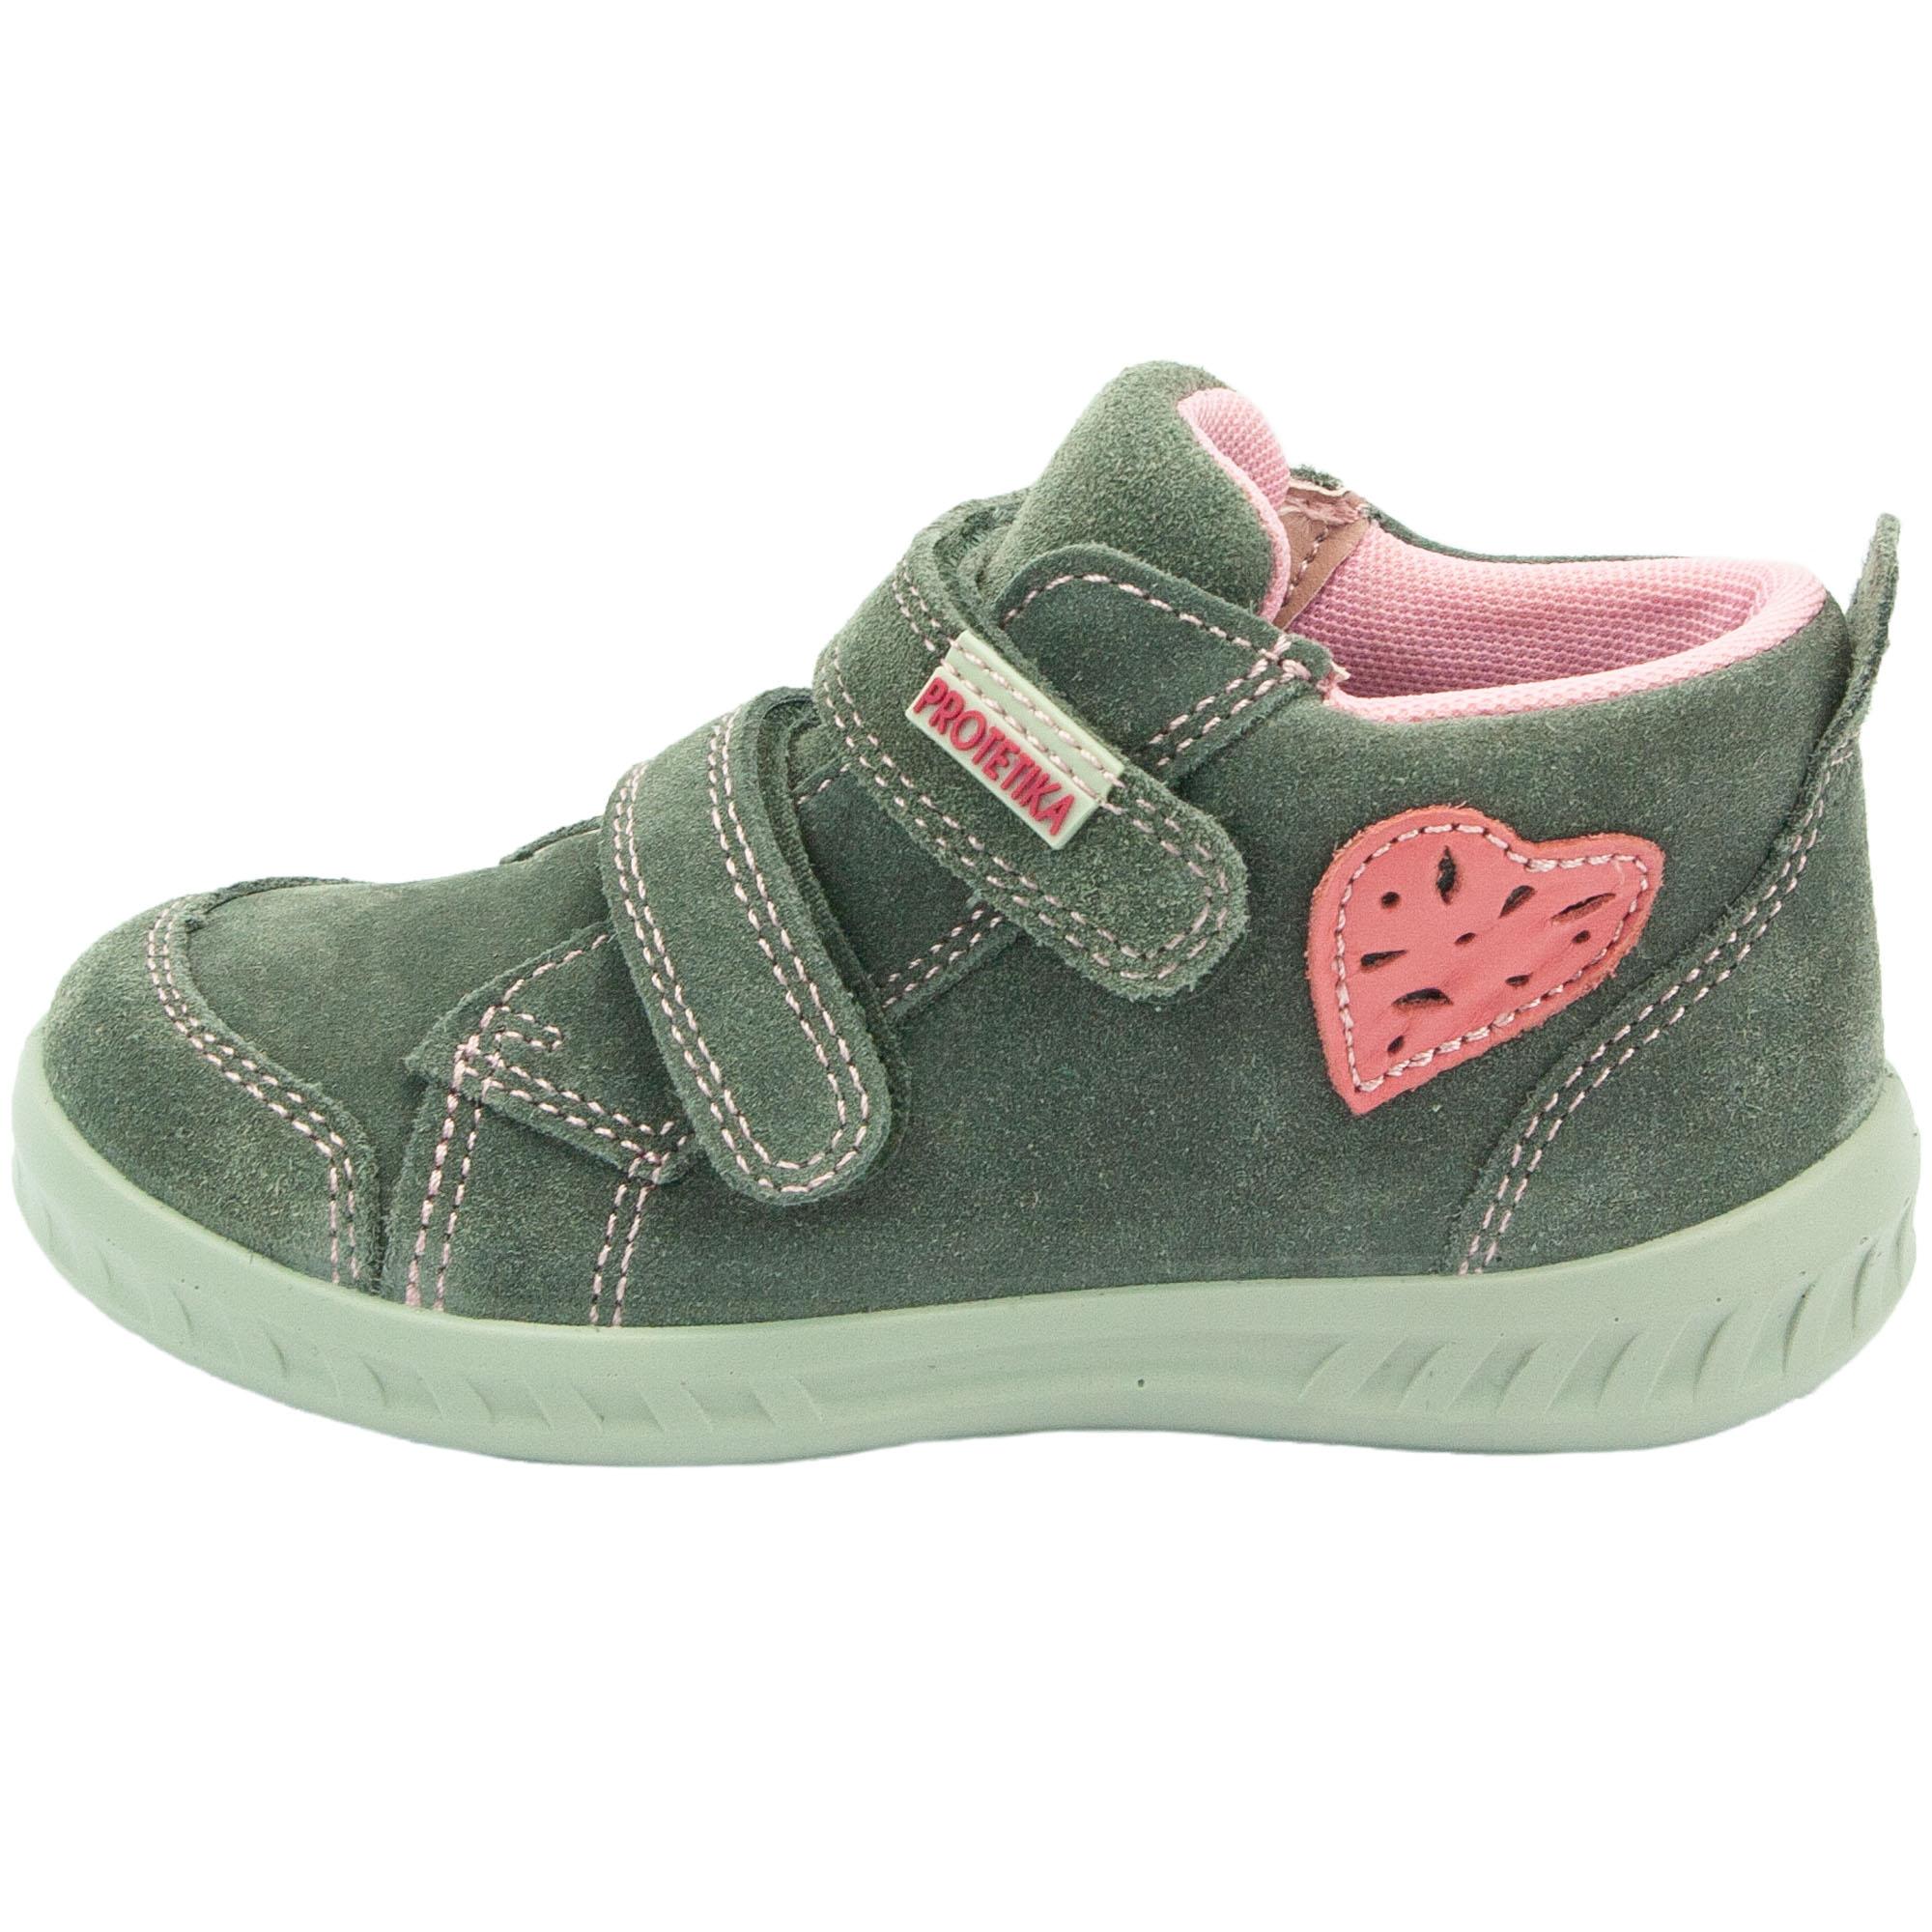 a6c6540184c9 Protetika celoroční dětská obuv Amelia